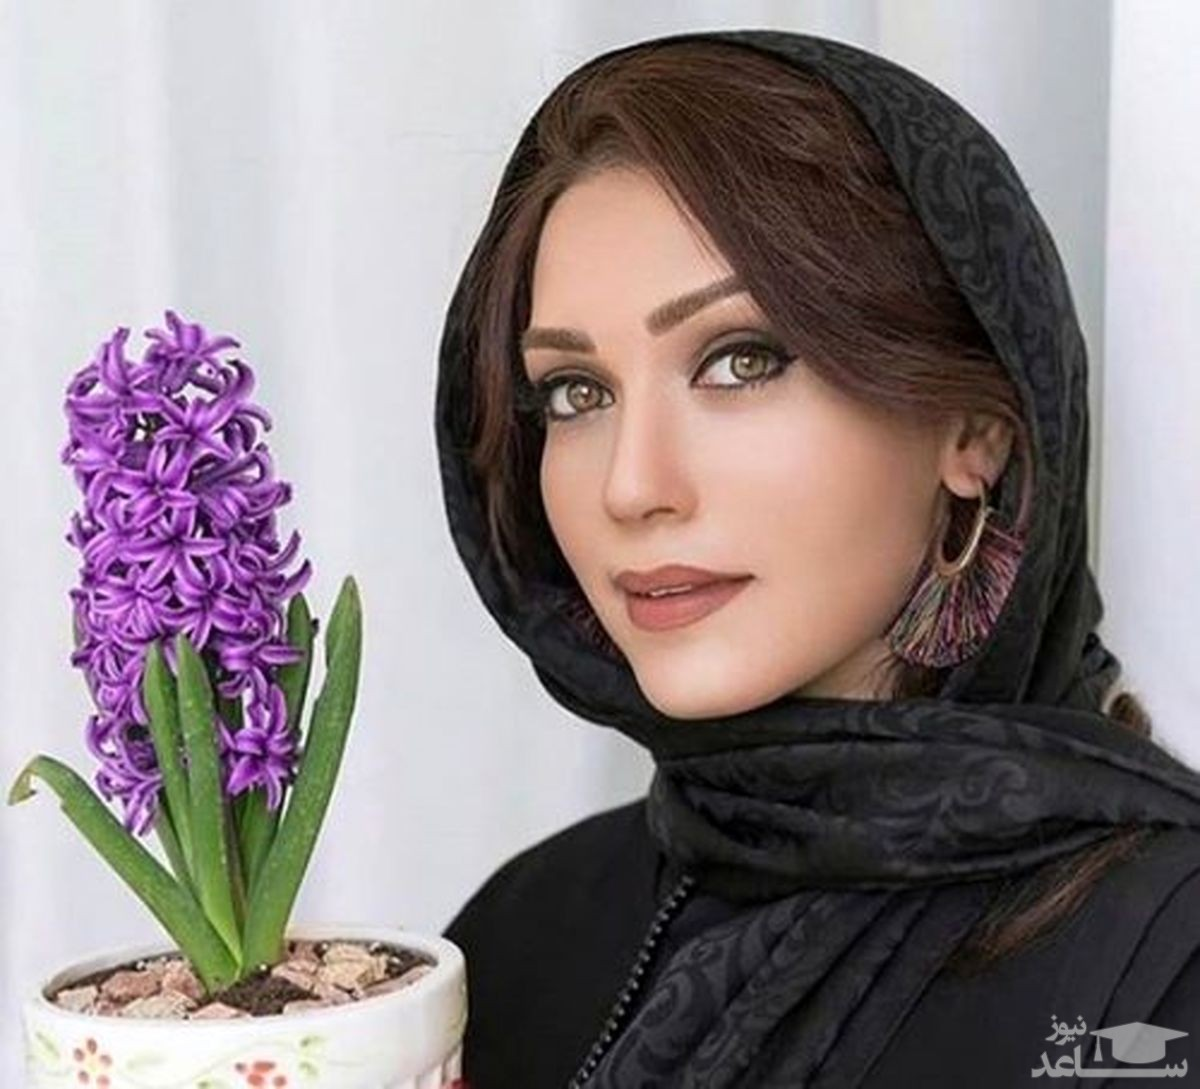 اصفهان گردی شهرزاد کمال زاده در این روزهای کرونایی